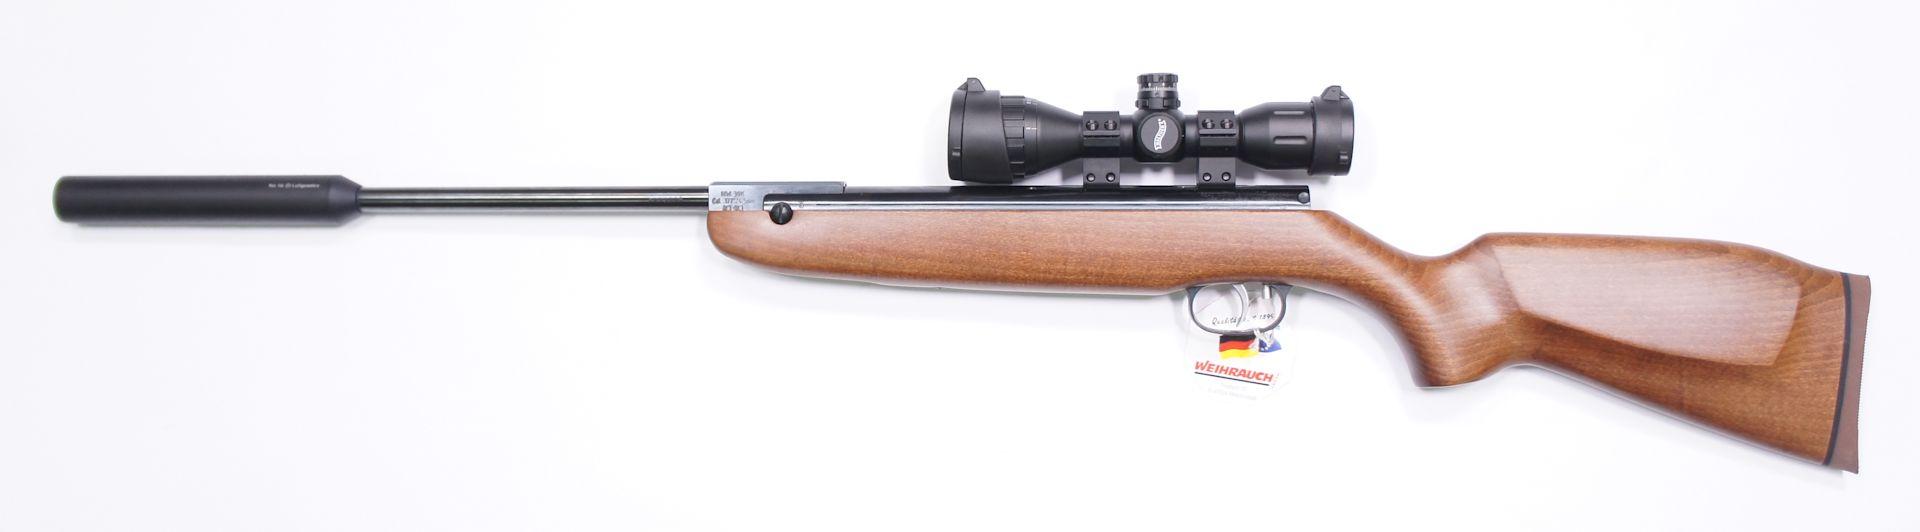 HW 30 S mit Schalldämpfer und Zielfernrohr Walther 4x32 MDC